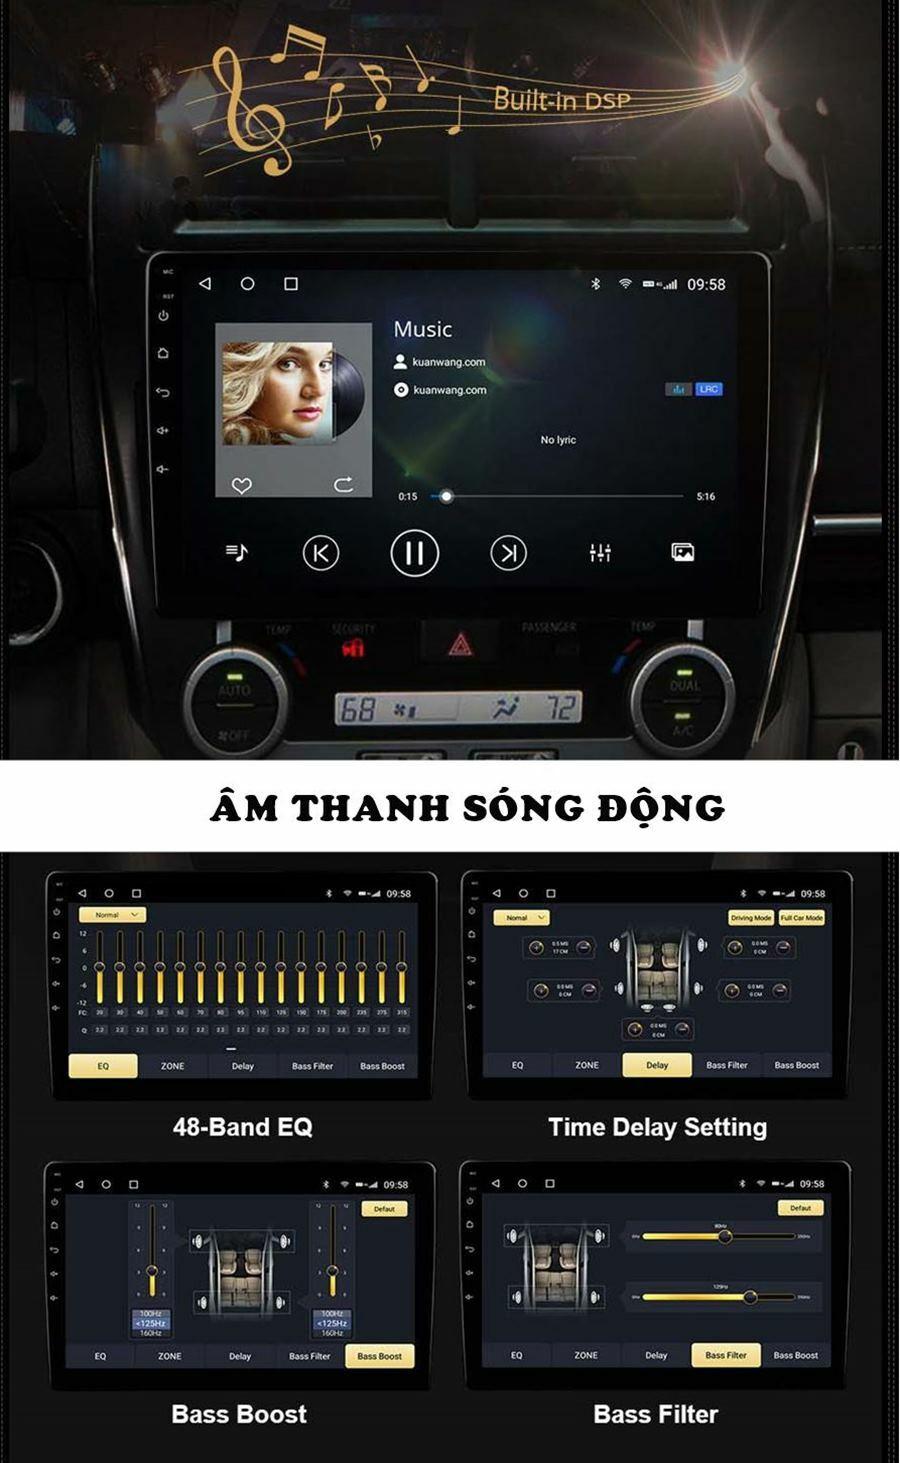 Khả năng xử lý âm thanh tuyệt vời